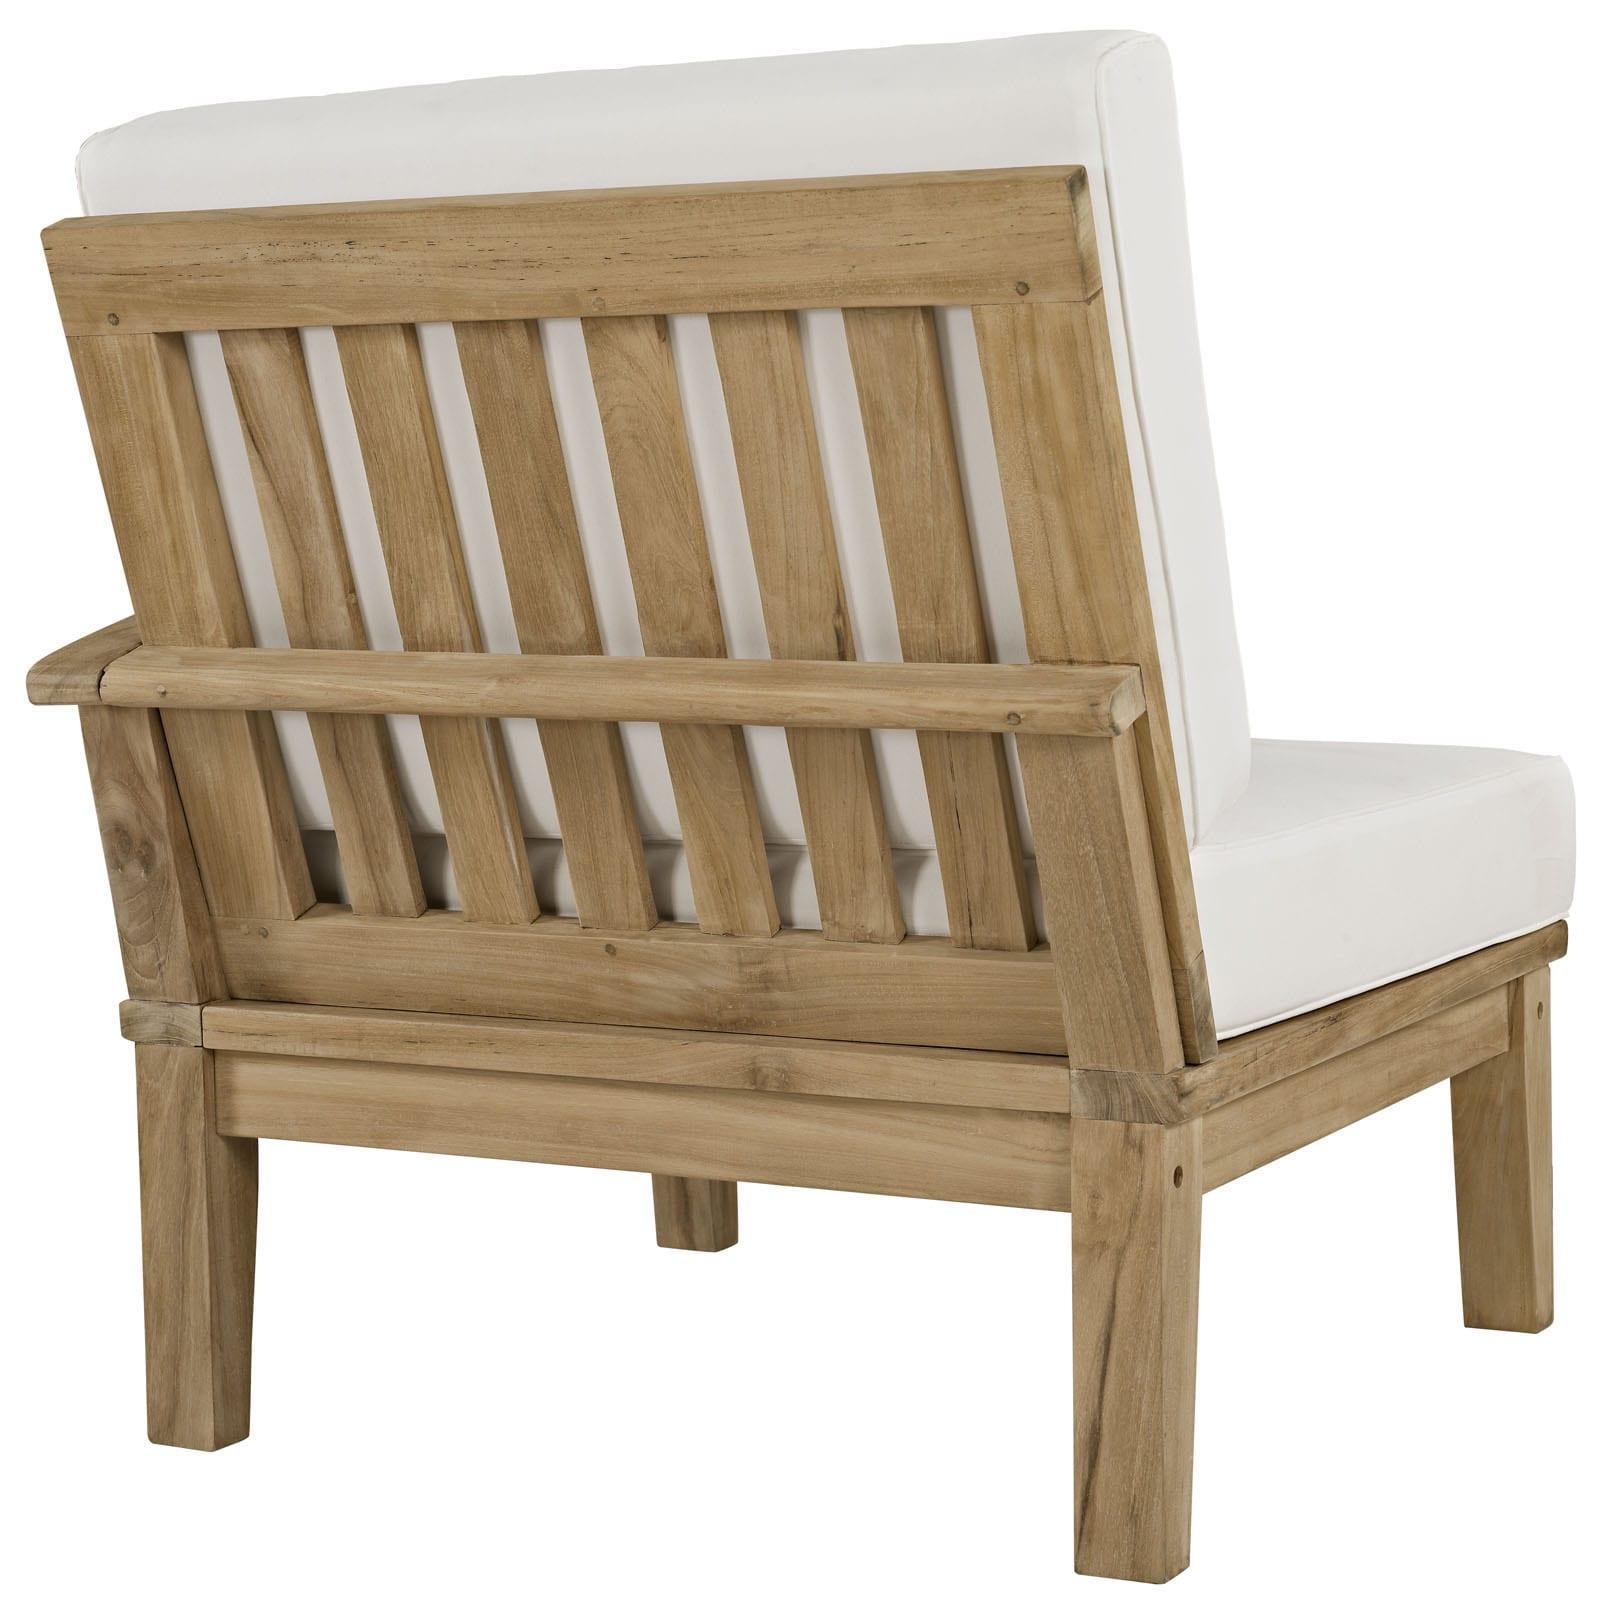 Shop Quay 4 Piece Outdoor Patio Teak Sofa Set   Free Shipping Today    Overstock.com   10354668